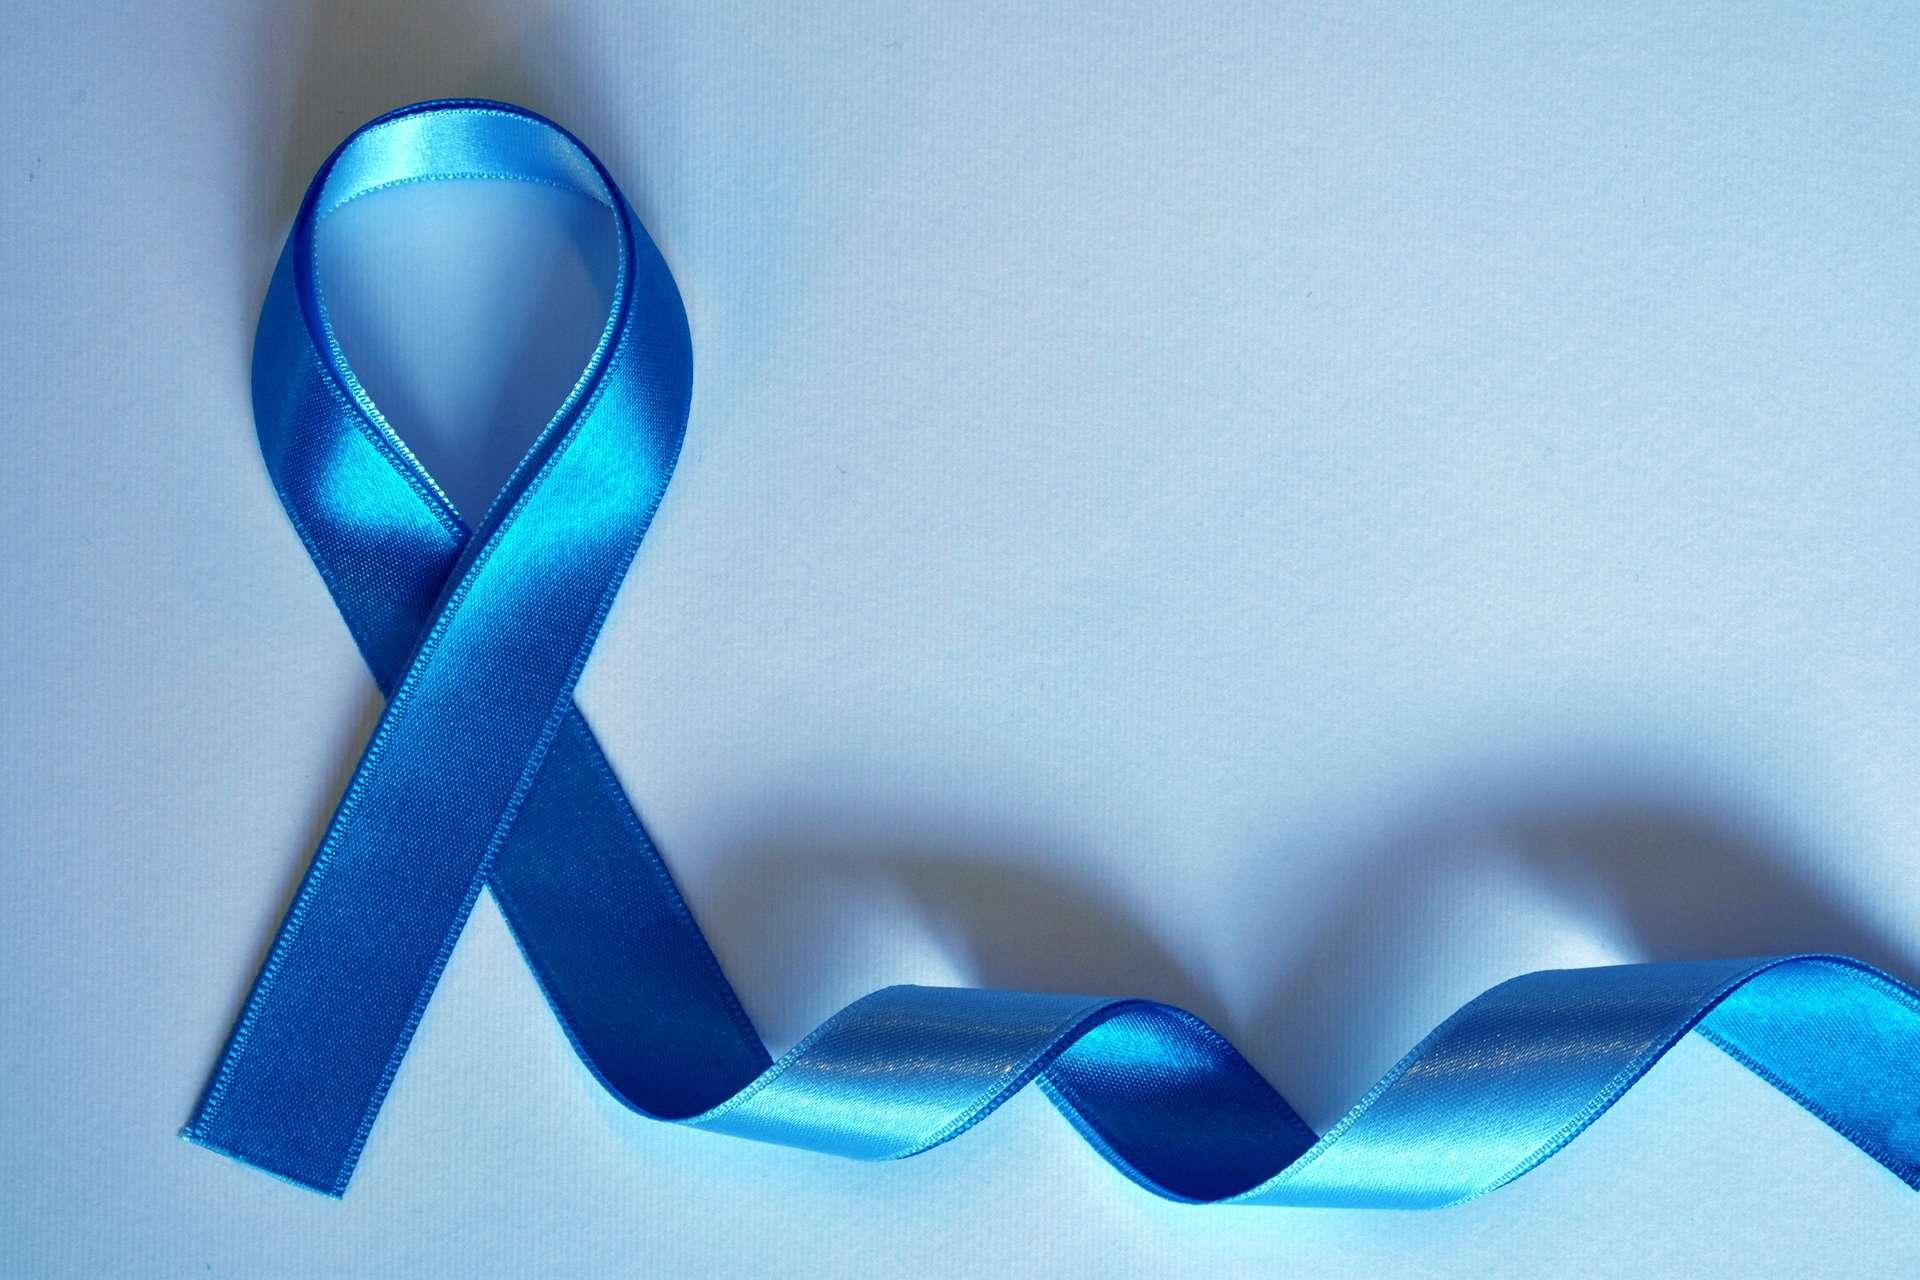 Cancro alla prostata: Francesco Paolantoni invita a fare prevenzione